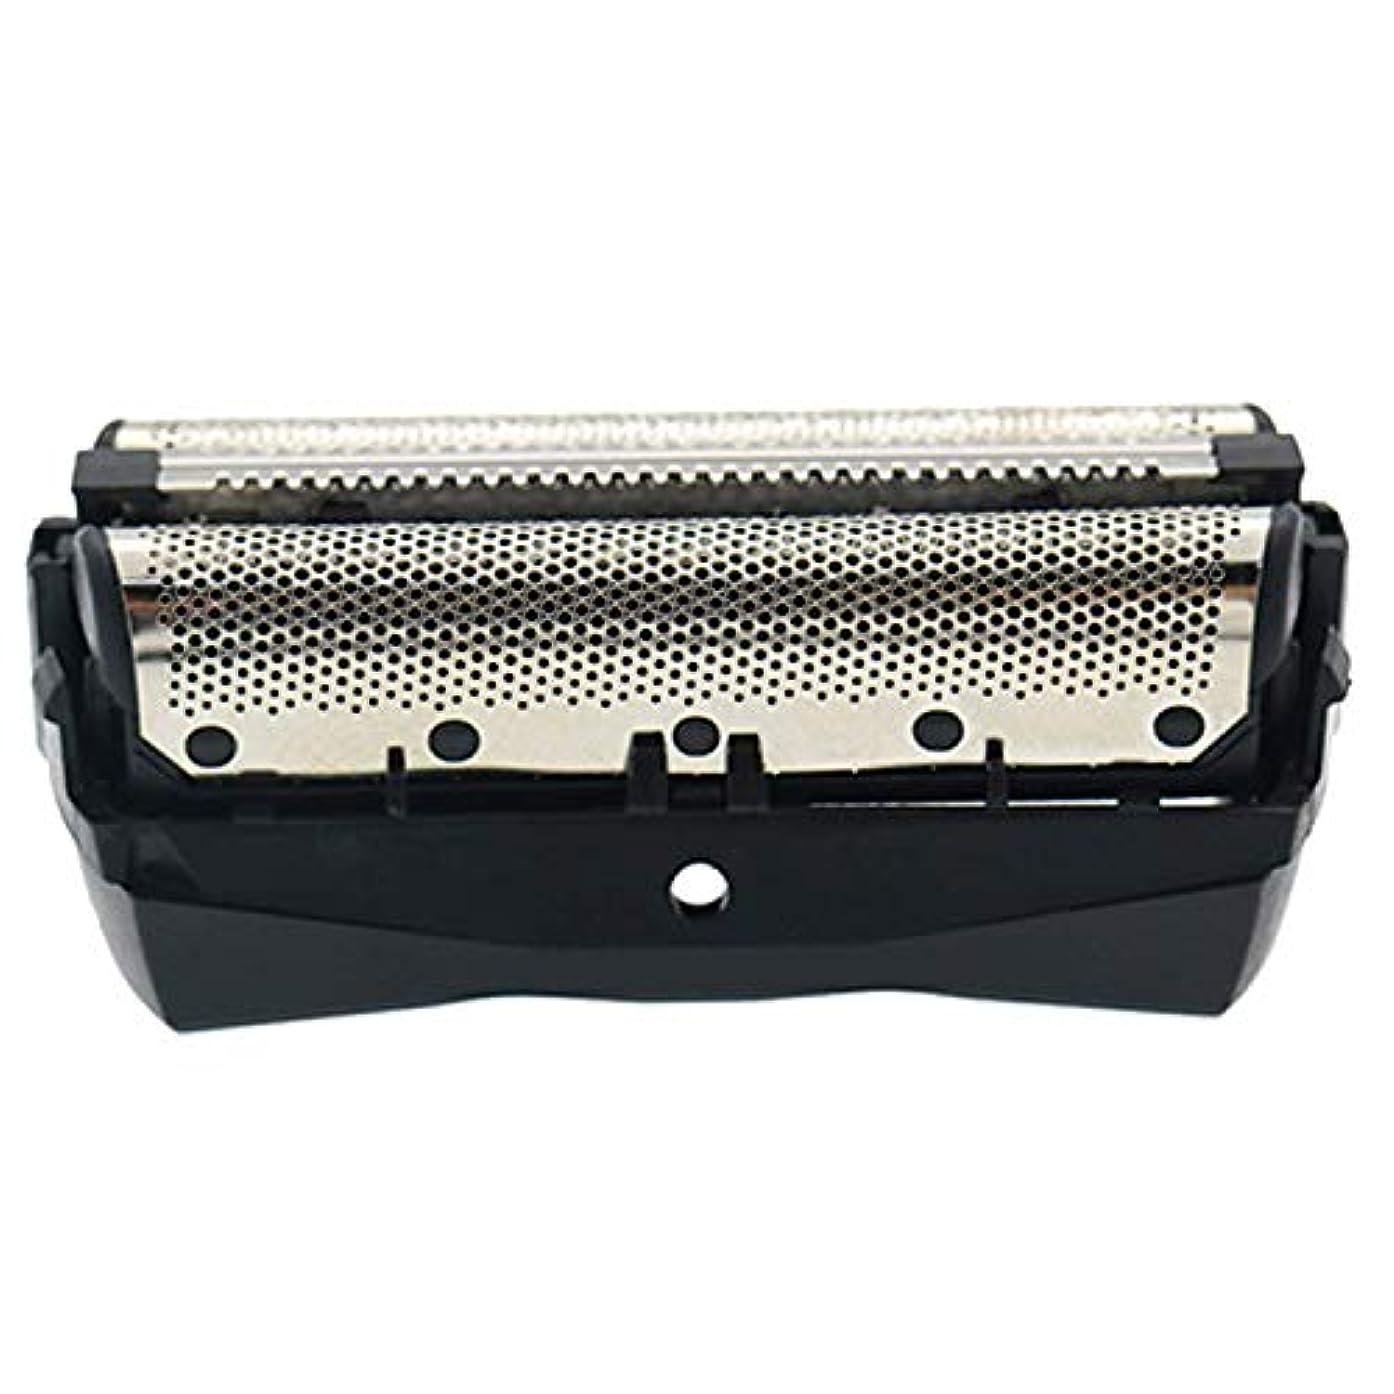 見てクスクスコールドVINFANY メンズシェーバー用替刃(外刃) 適用する フィリップスQC5550用交換シェーバーフォイル/カッターユニットシェーバーヘッドQC5580メンズトリマー用回転ブレード